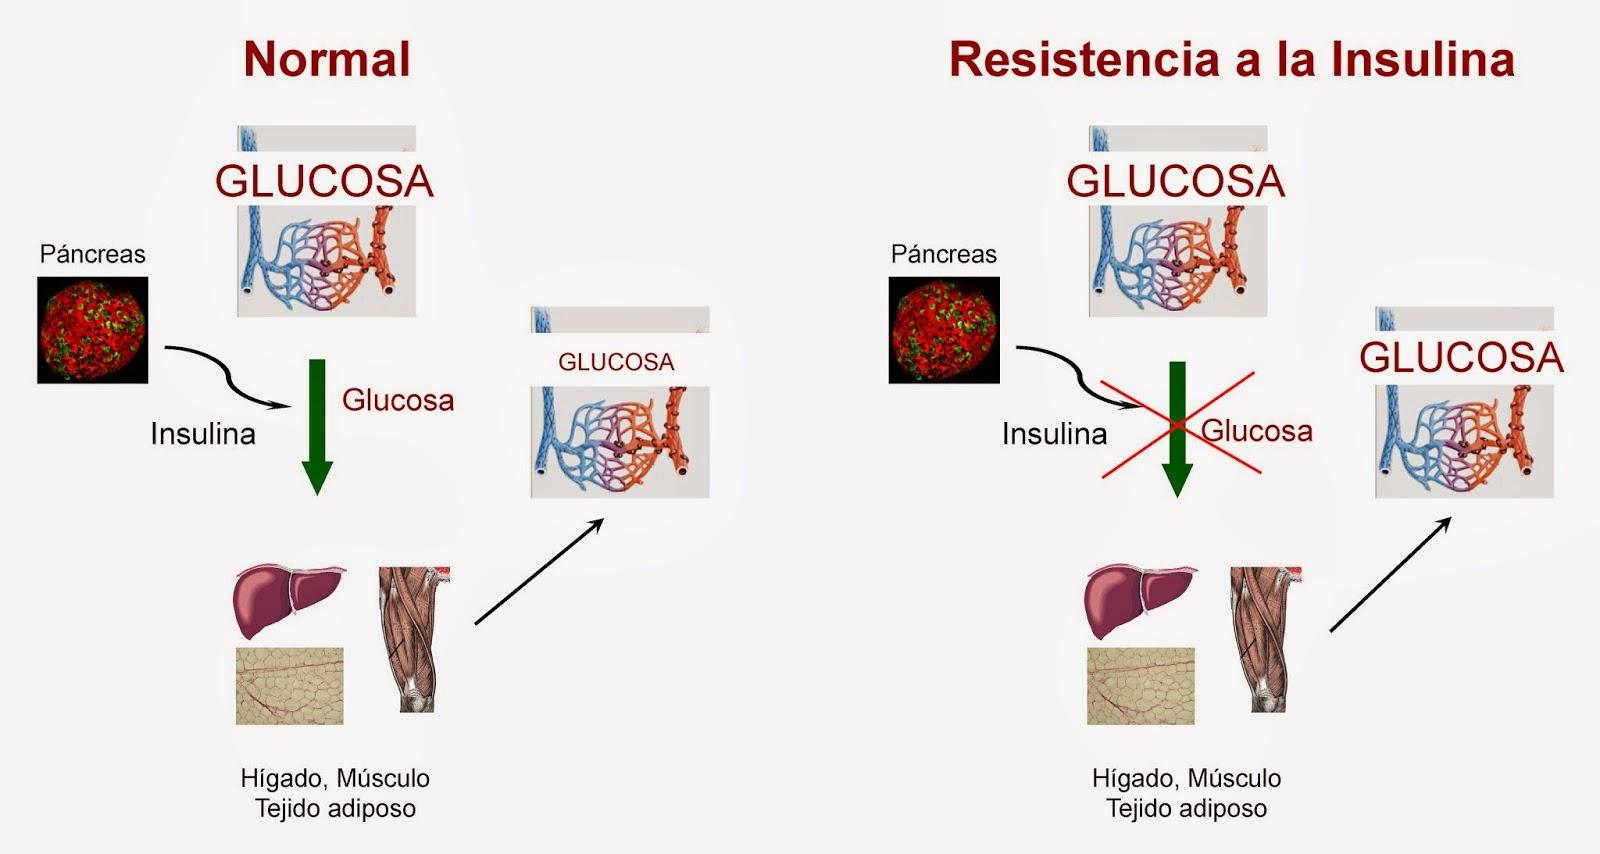 Consecuencia de la resistencia a la insulina sobre la glucosa en sangre